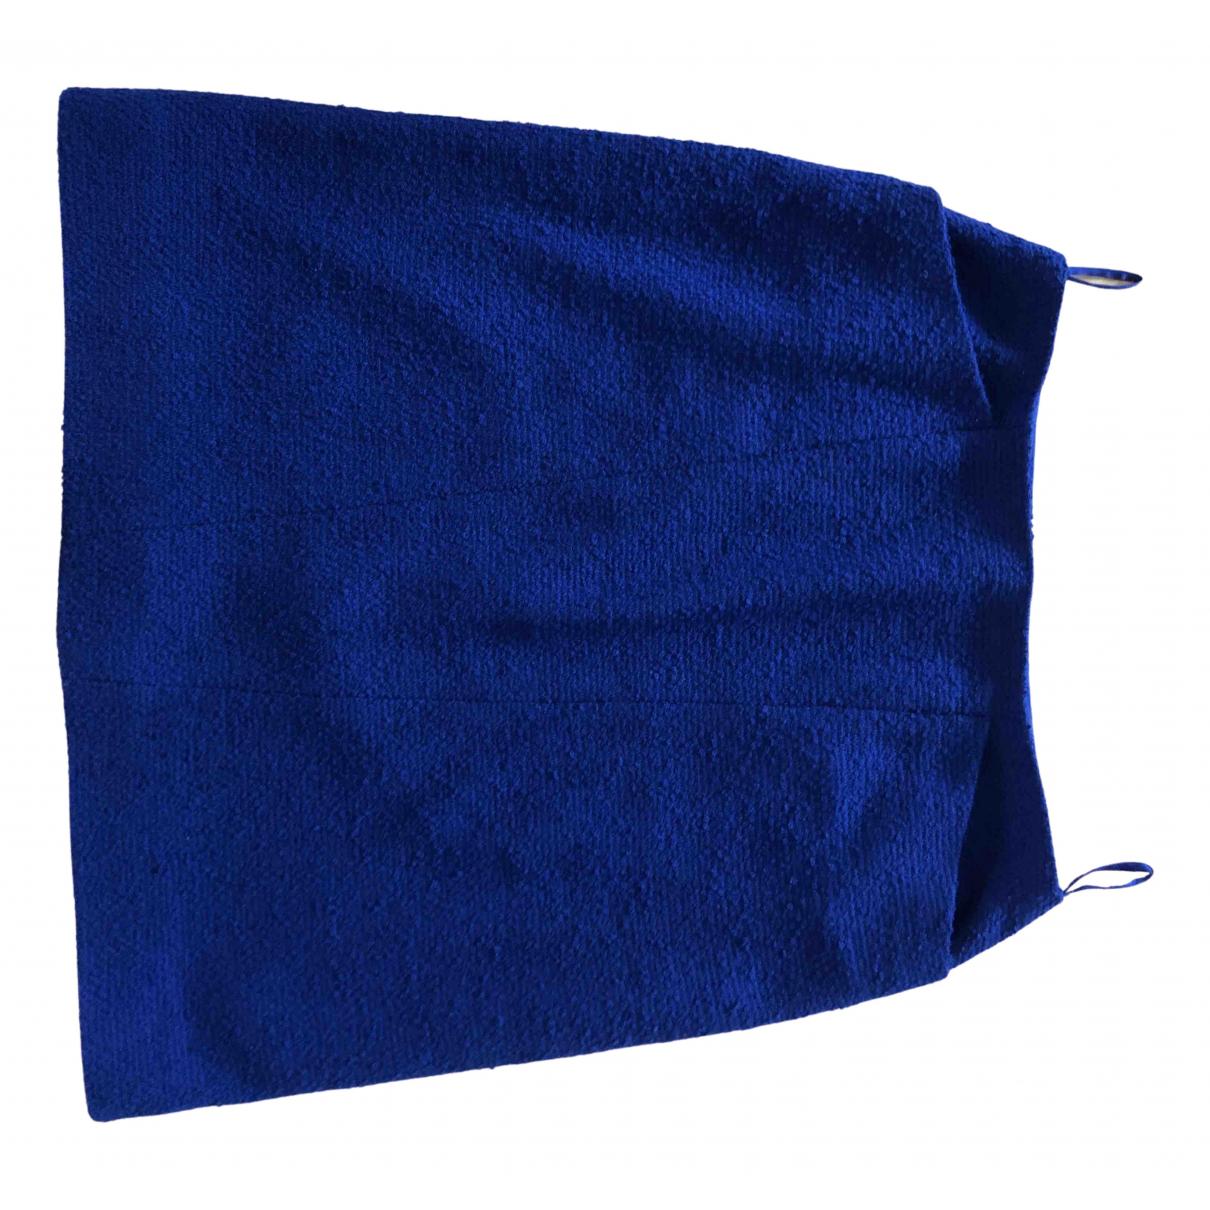 Chanel - Jupe   pour femme en laine - bleu